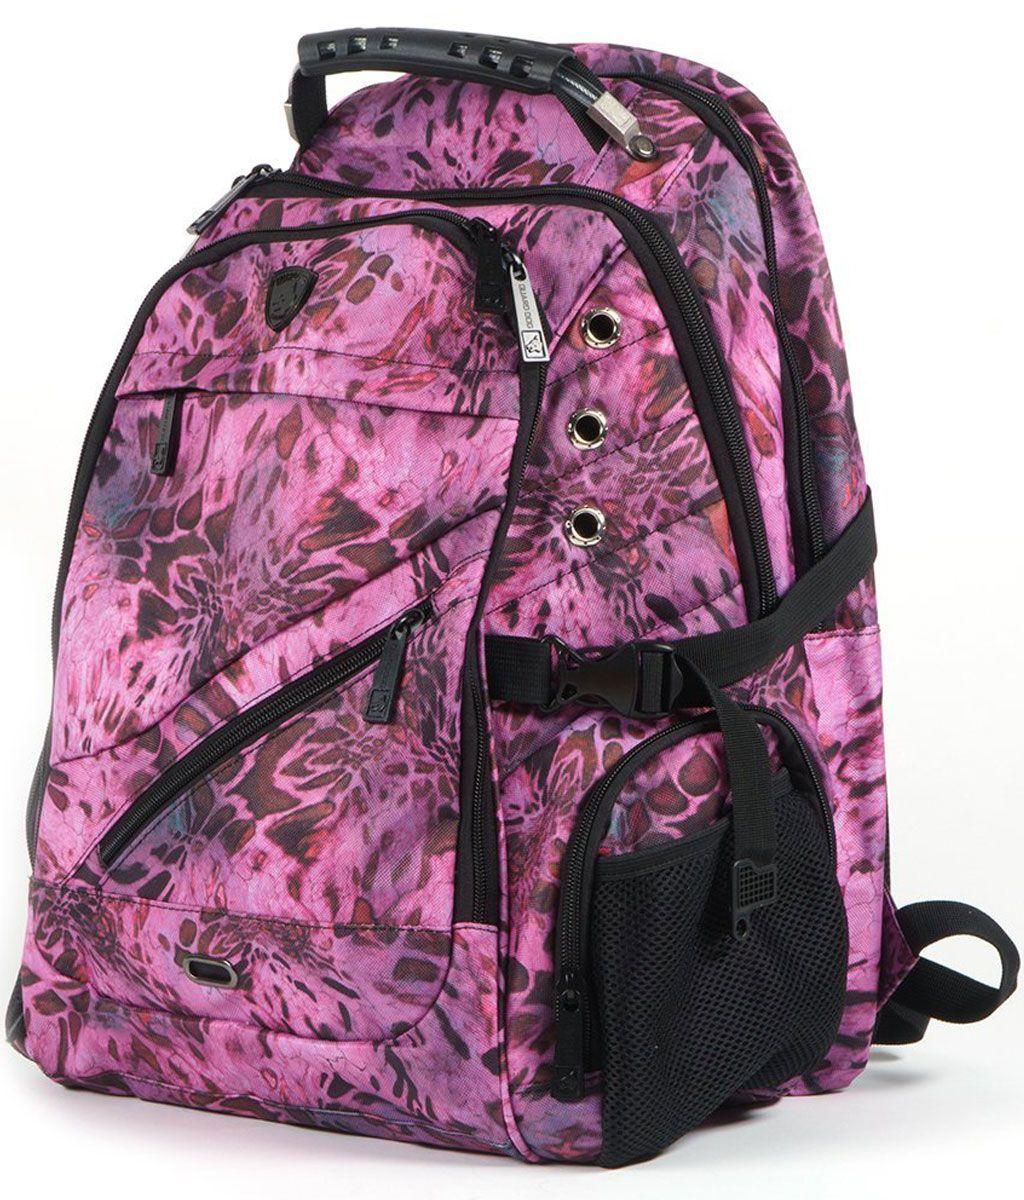 Bulletproof backpacks for children.